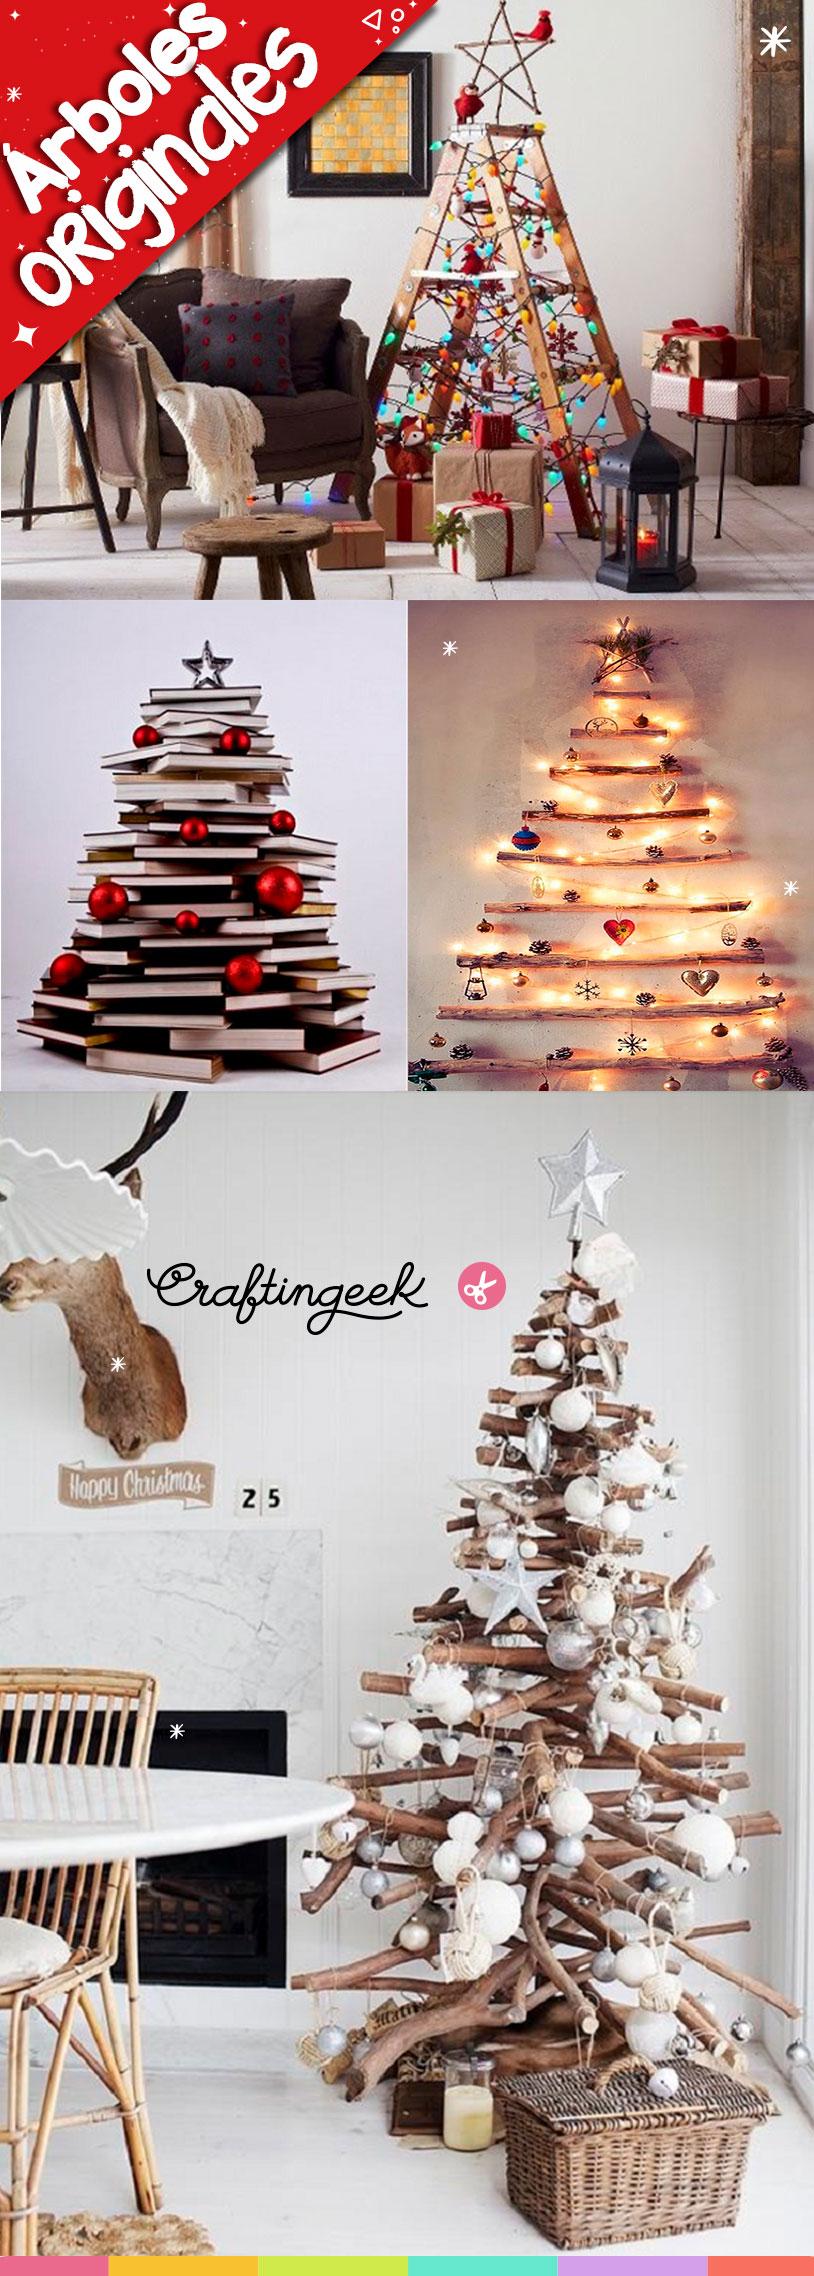 ideas arboles navidad originales - Arboles Navidad Originales